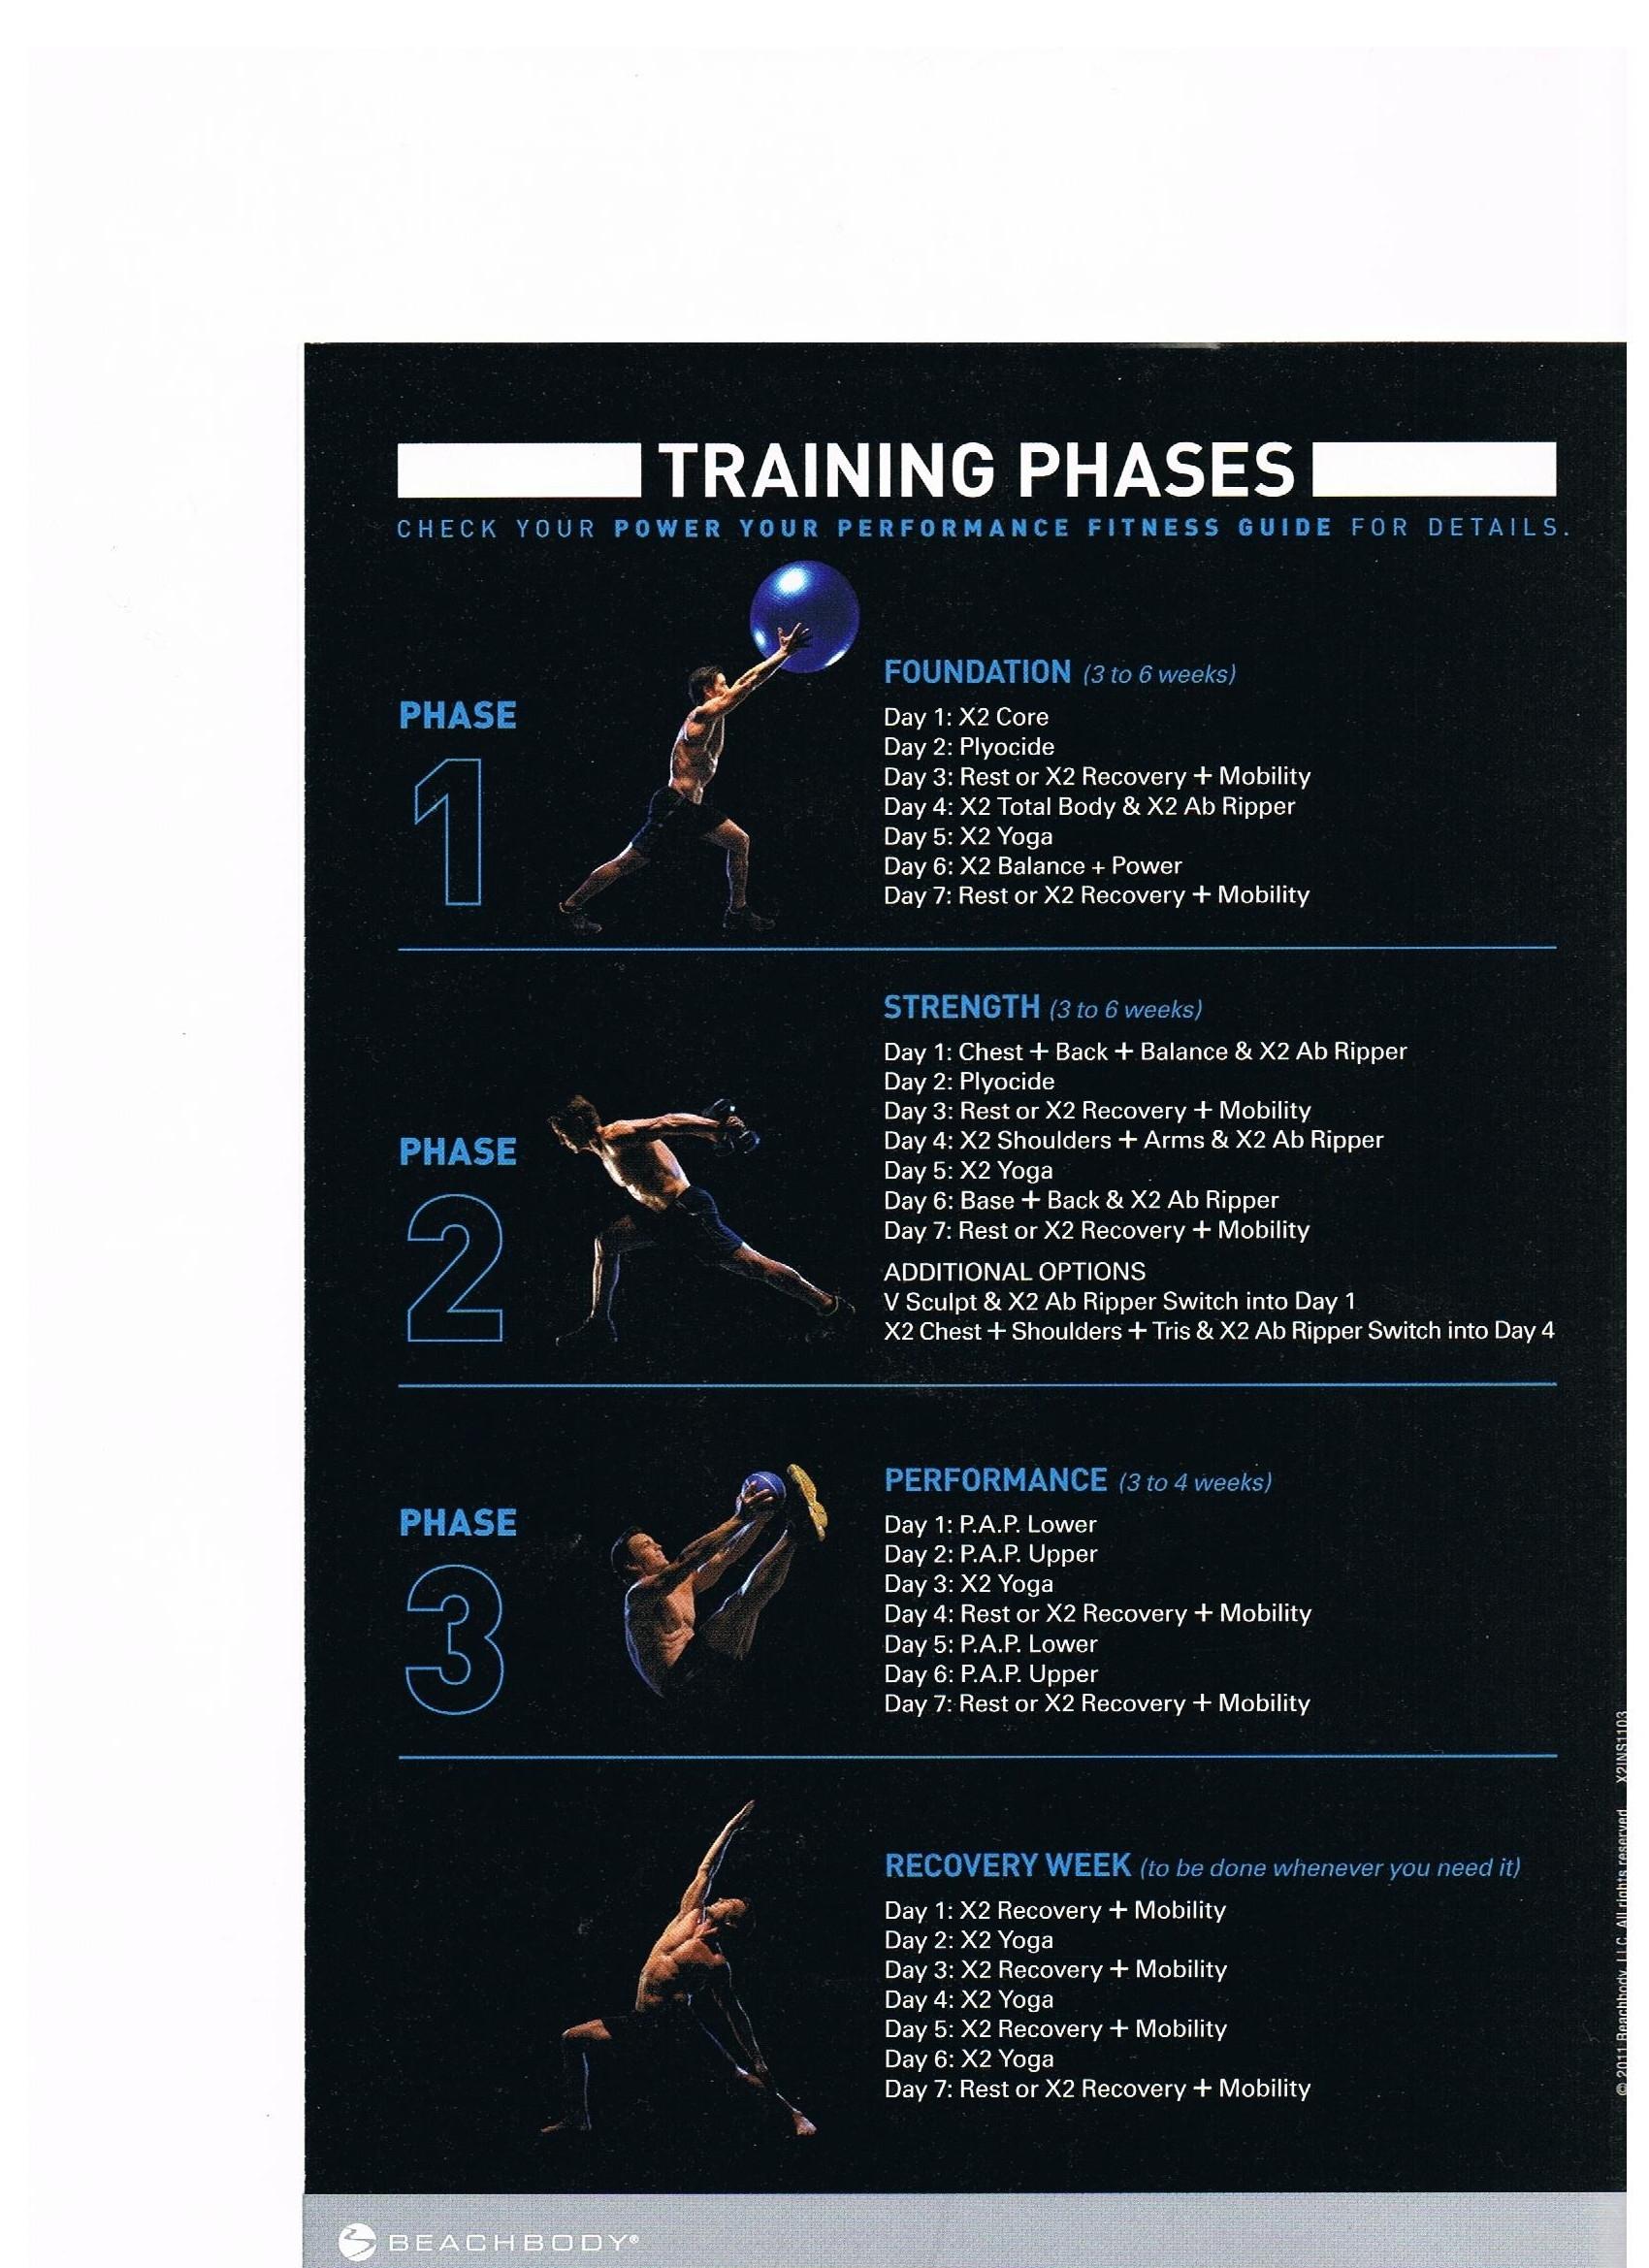 P90X2 Schedule- Elite Athlete Training